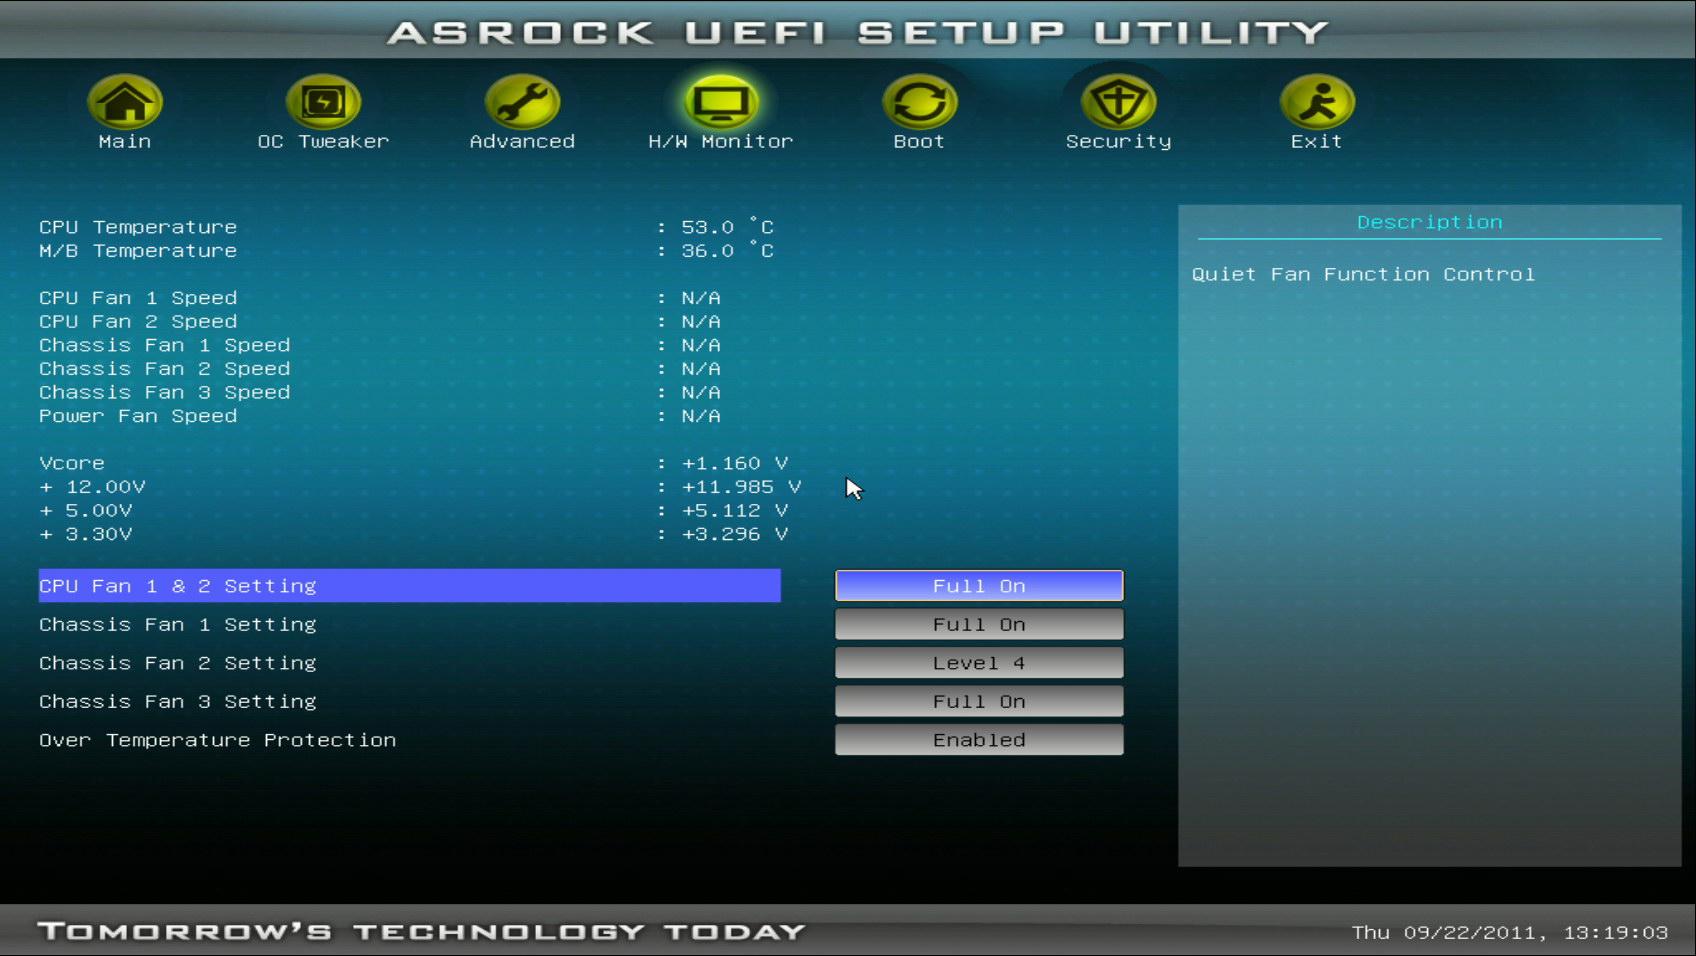 V-razdele-H-W-Monitor-otobrazhaetsya-informaciya-o-sisteme-i-ventilyatorah.jpg